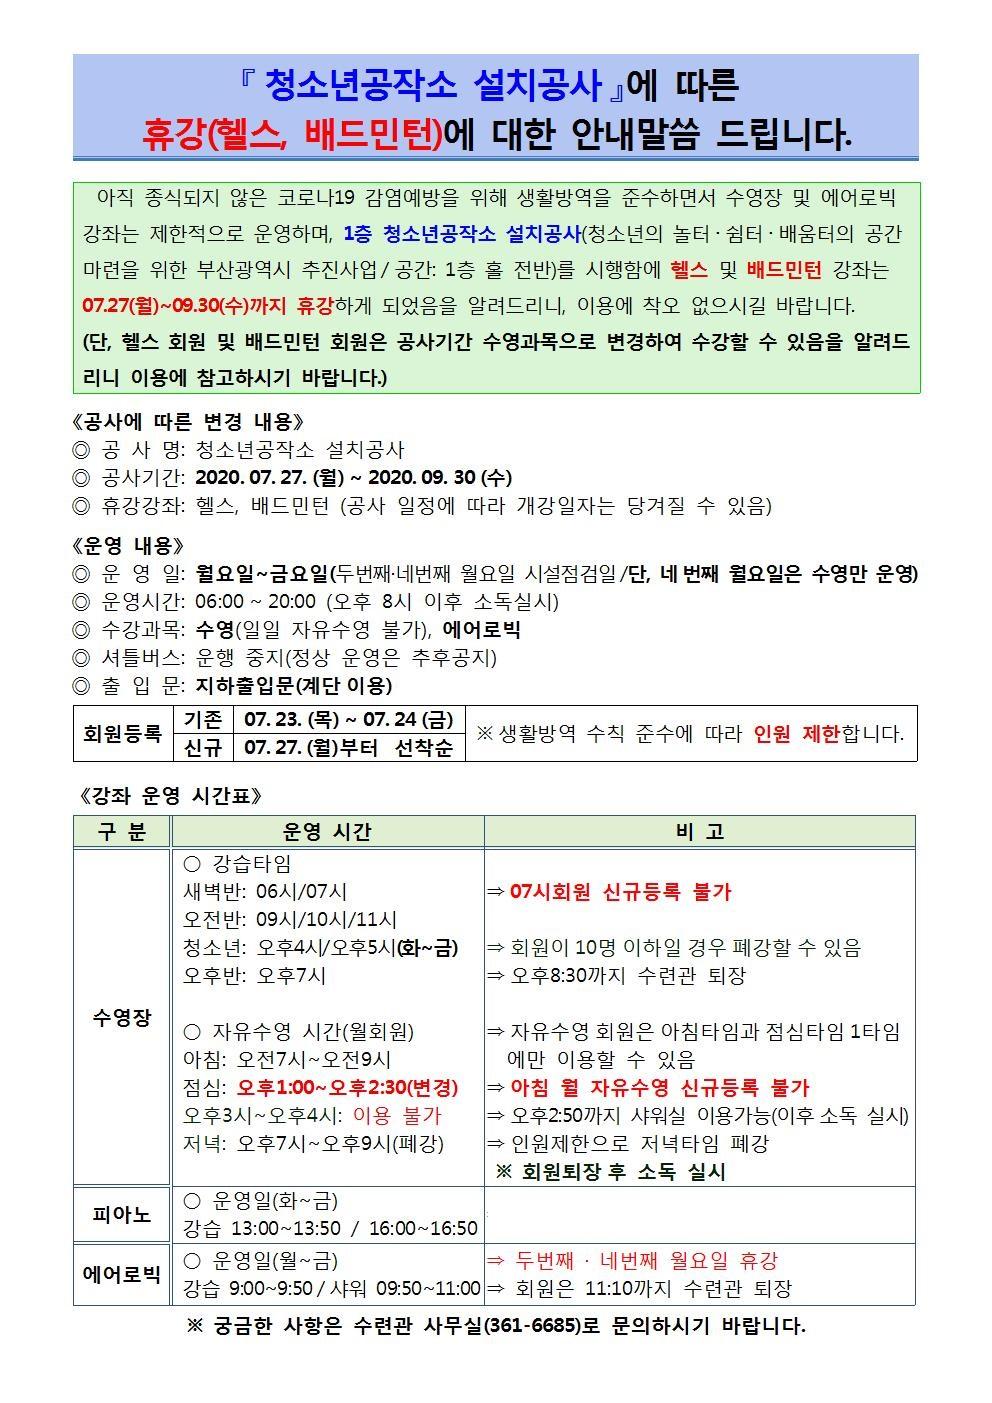 체육시설운영계획(2020년8월)001.jpg